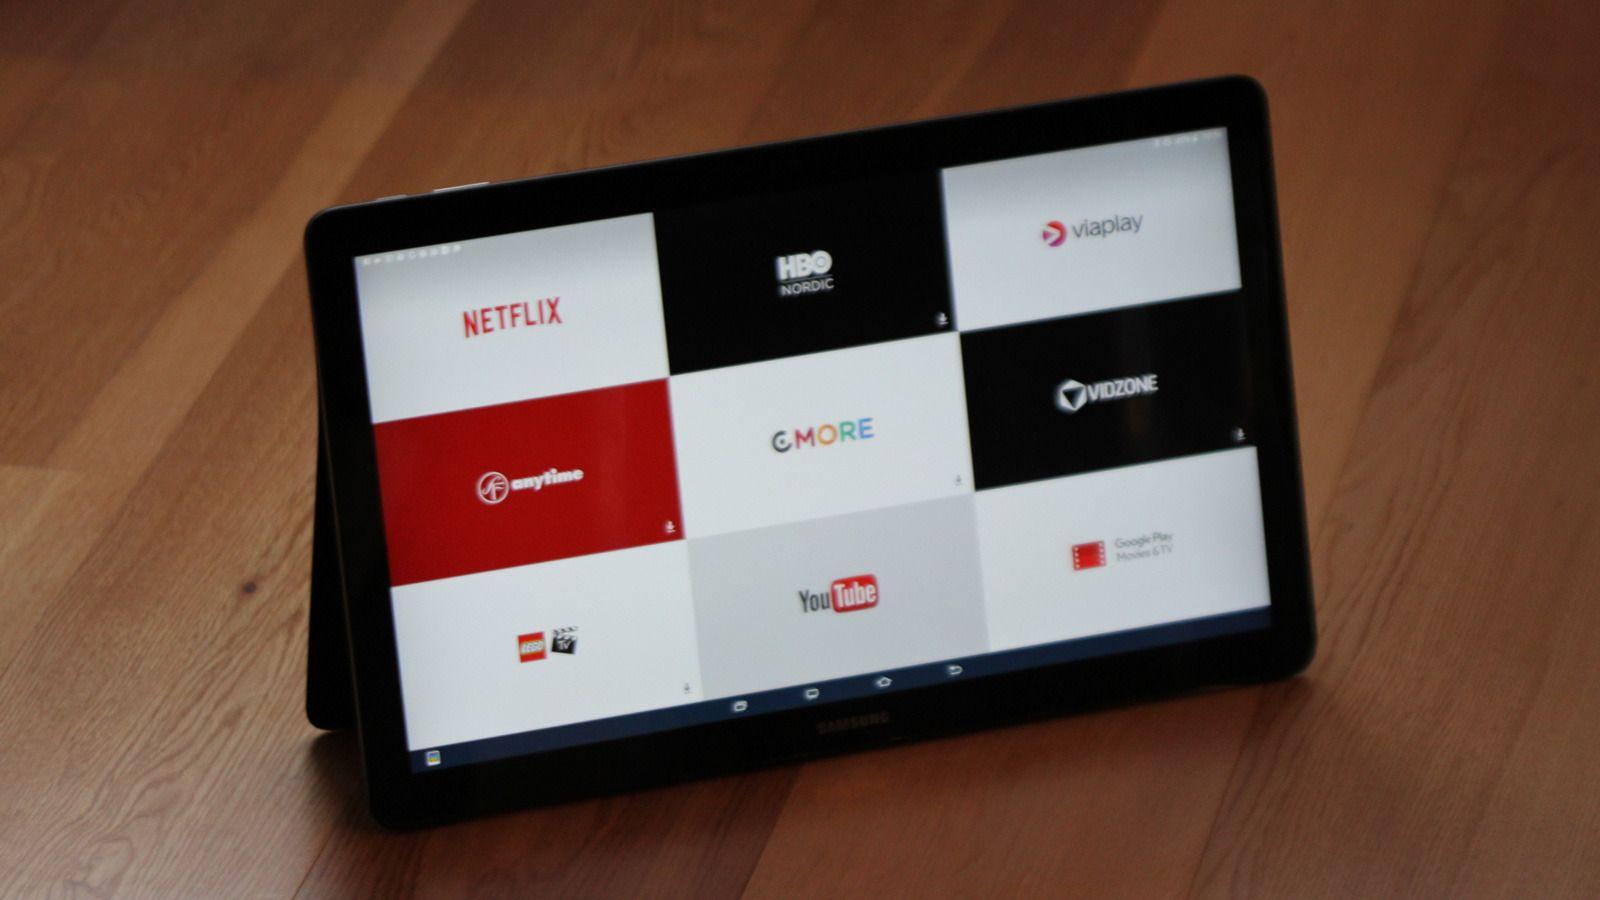 Den ene startskjermen er tapetsert med videotjenester. En egen snarveitast under skjermen tar deg direkte til denne.